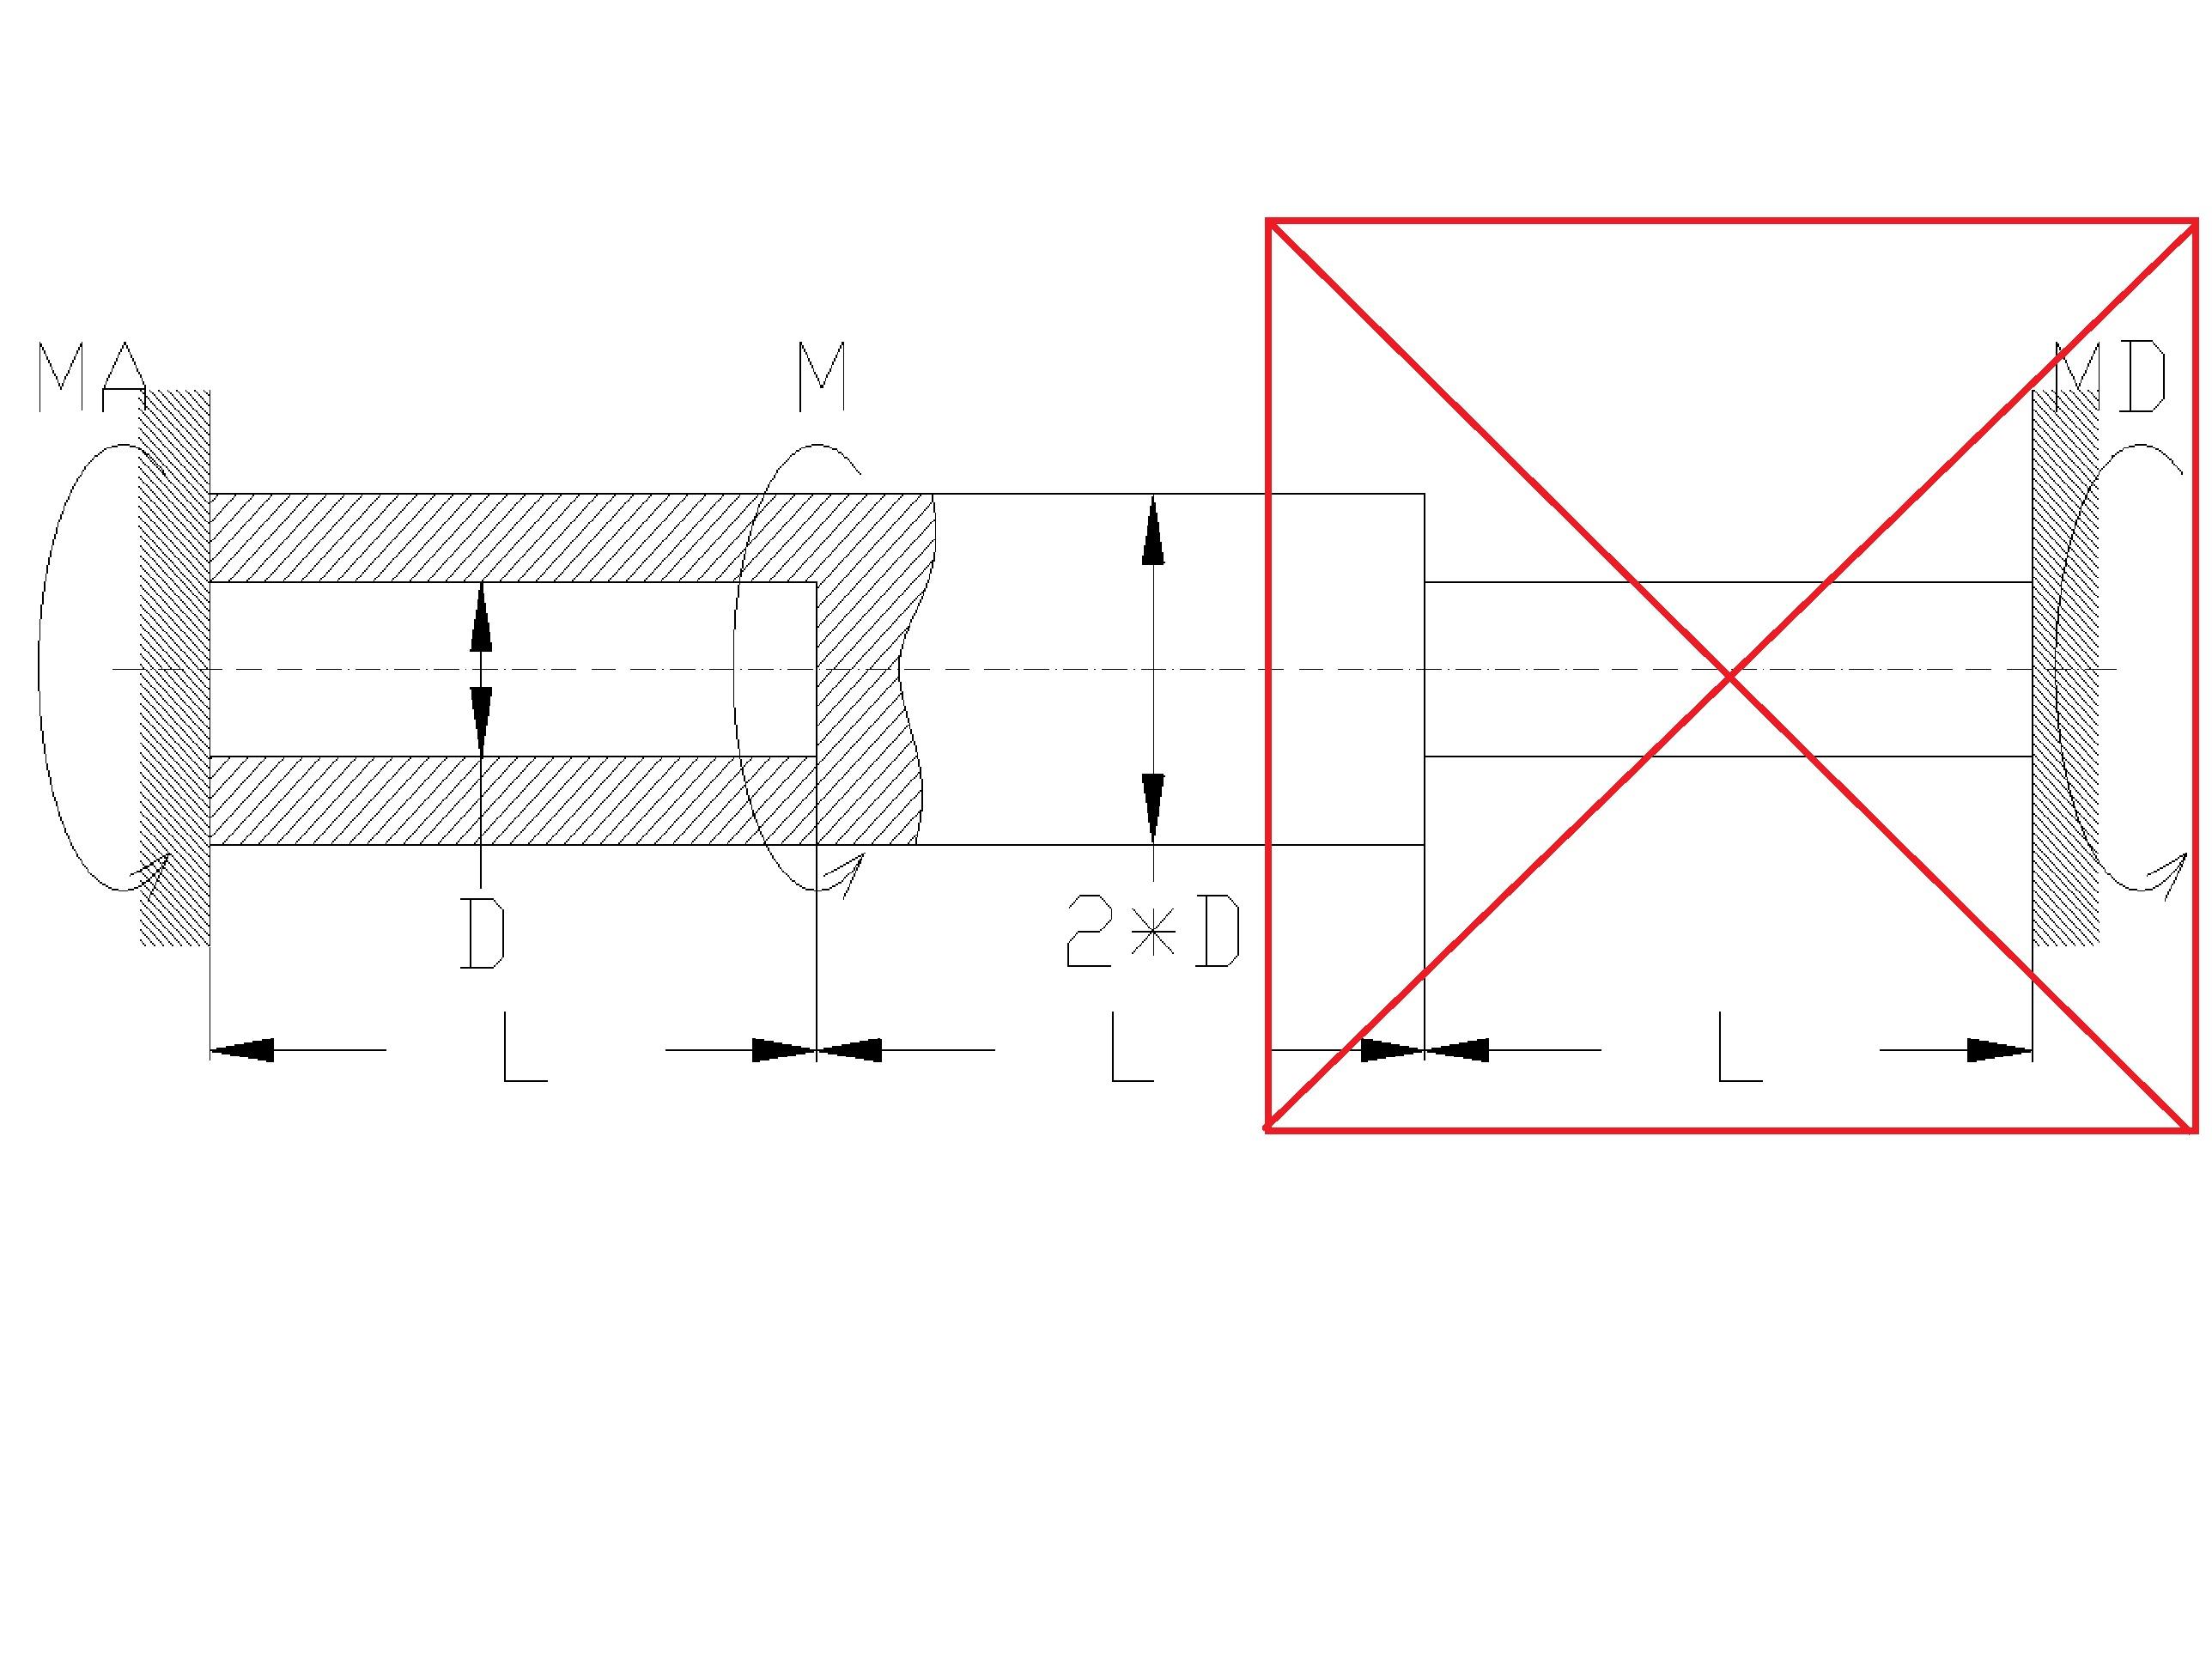 skrecanie4 - Skręcanie - wytrzymałość materiałów - zadanie 13